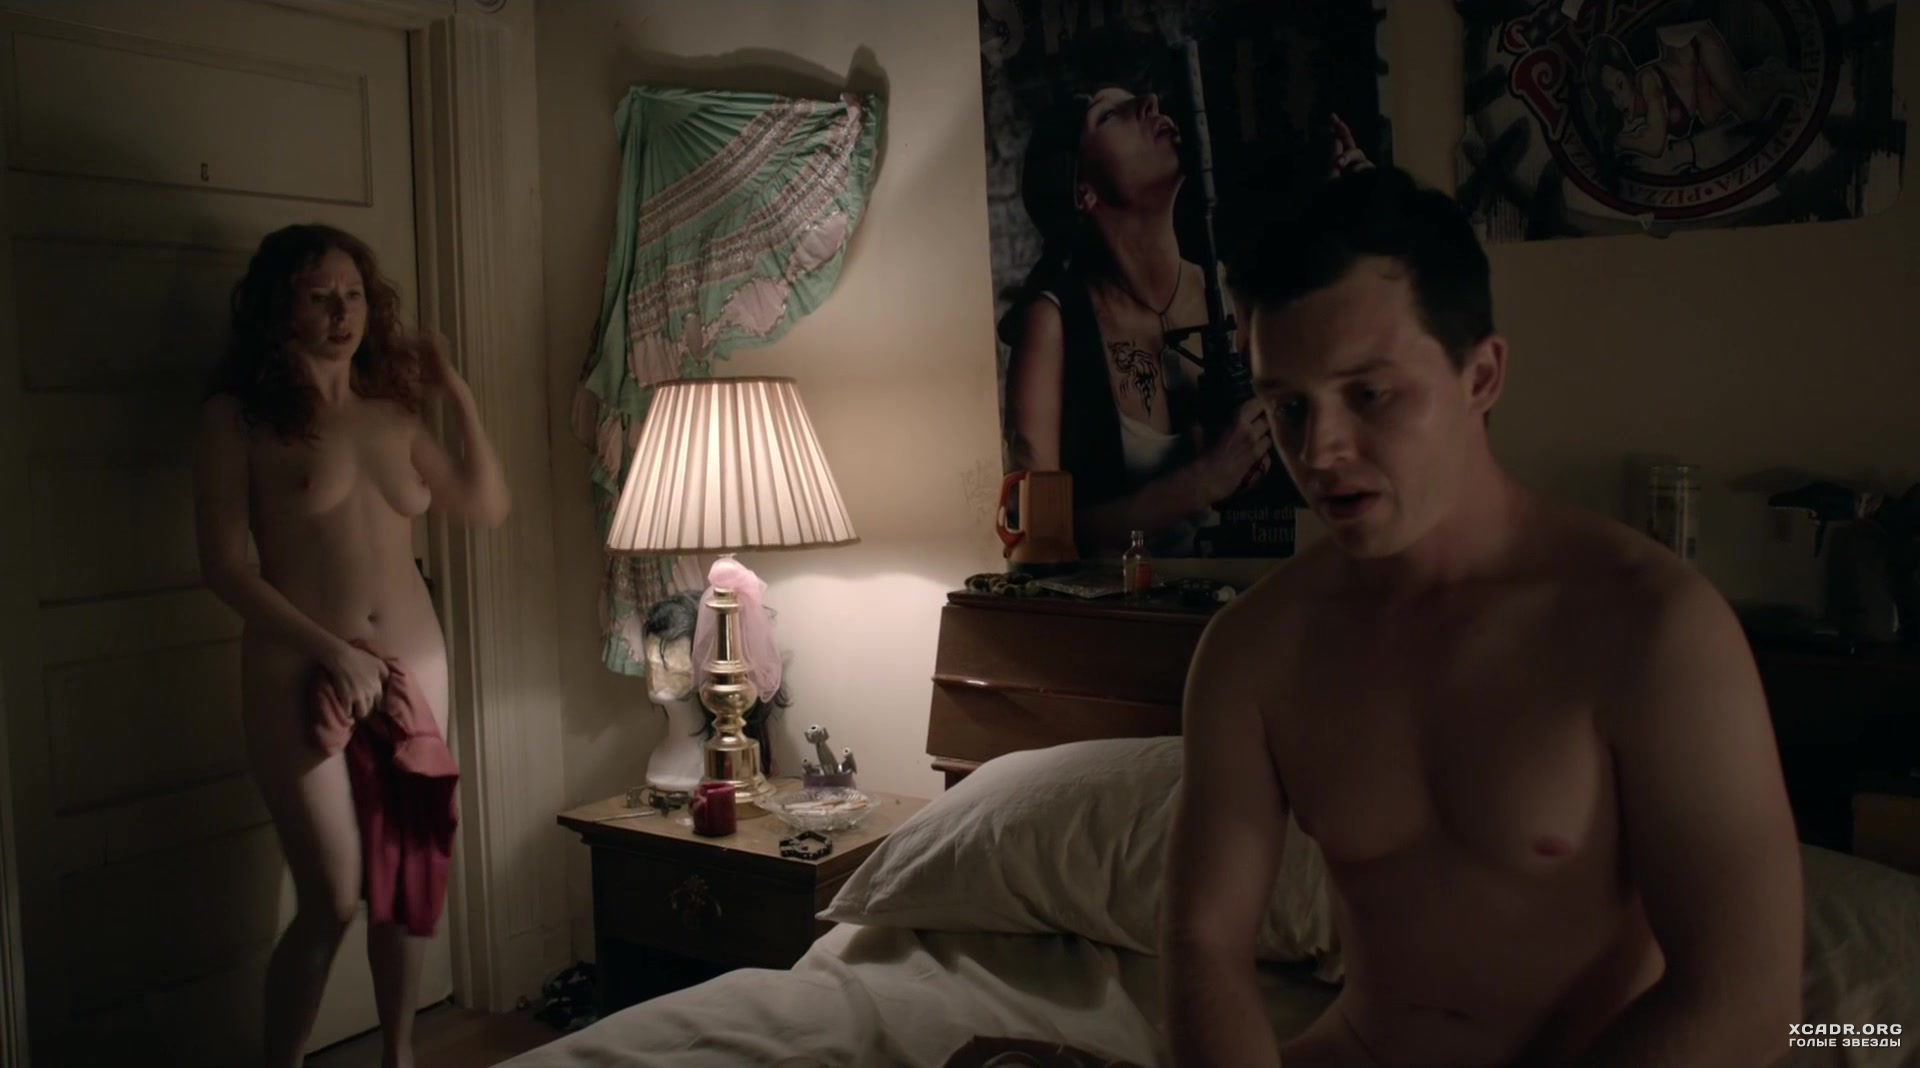 кейт уинслет в секс сцене